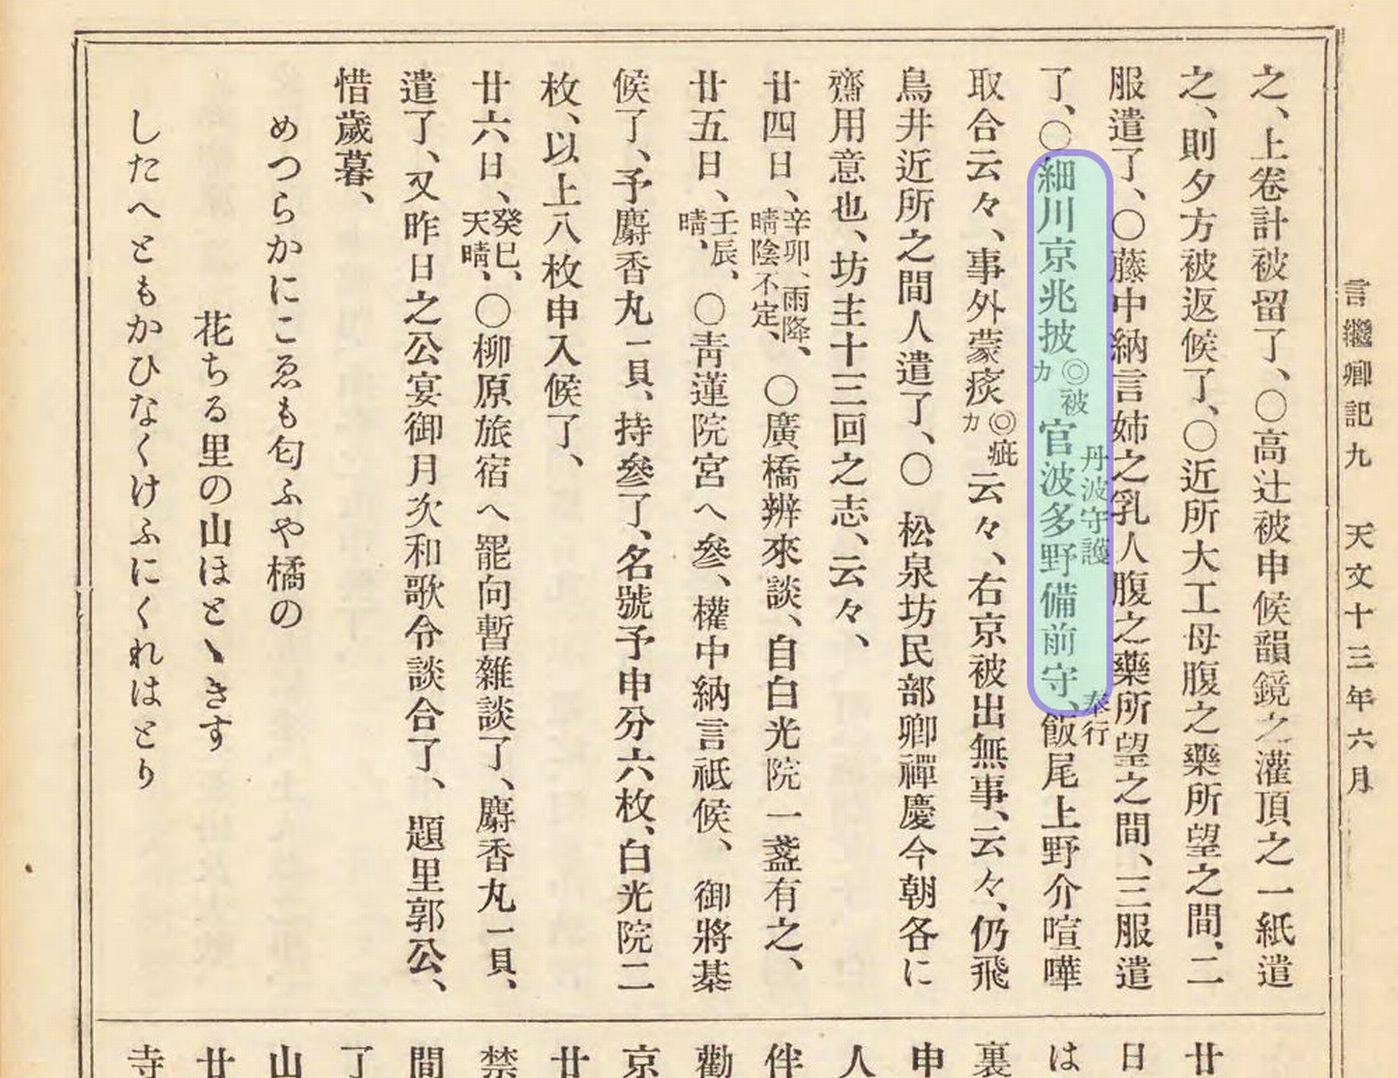 『言継卿記』の「細川京兆被官丹波守護波多野備前守」